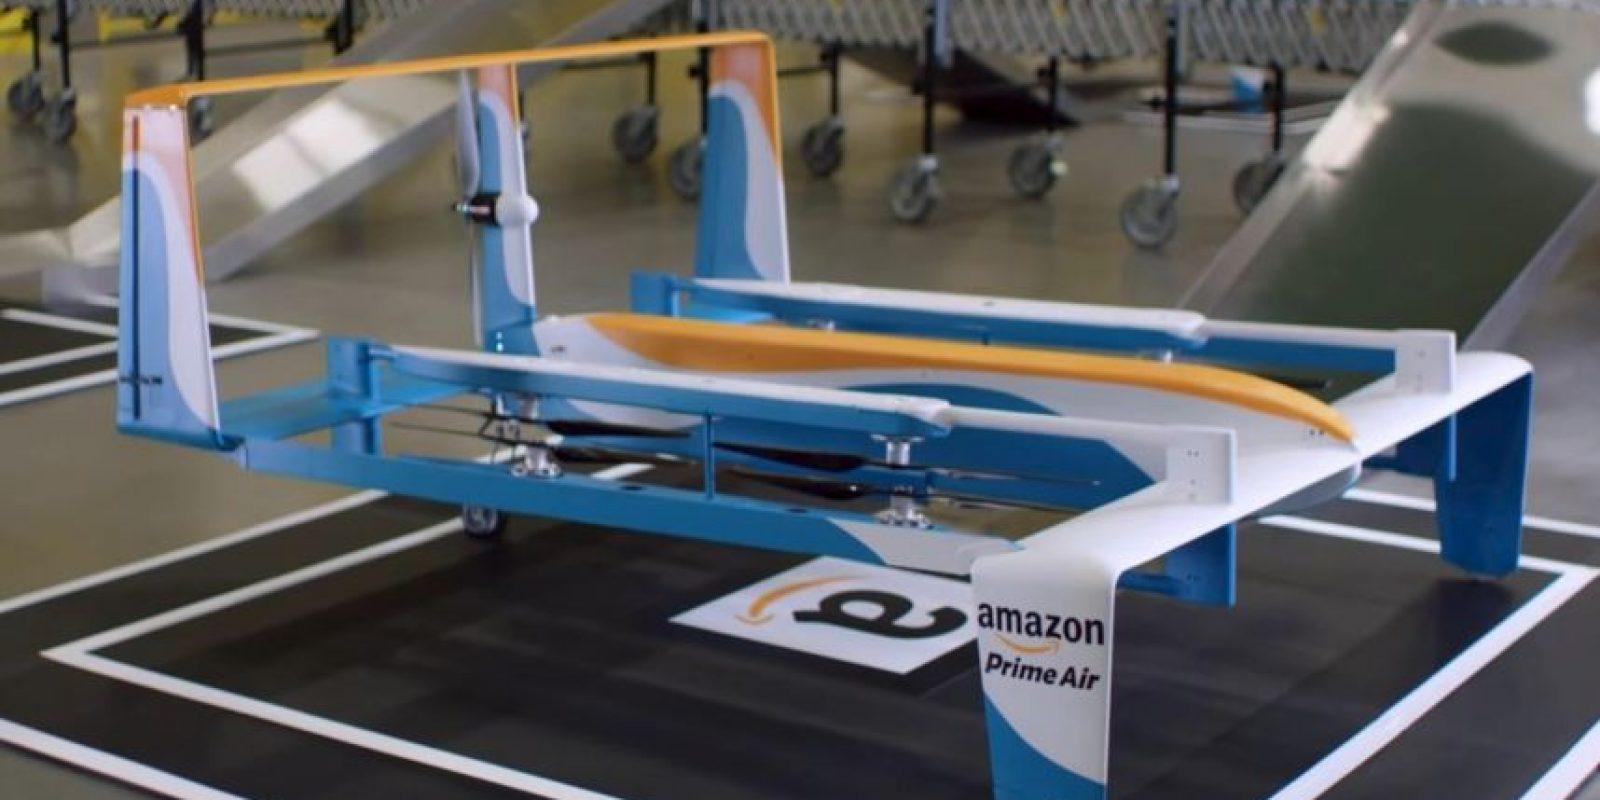 Amazon Prime Air hará que las entregas de productos sean rápidas. Foto:Amazon